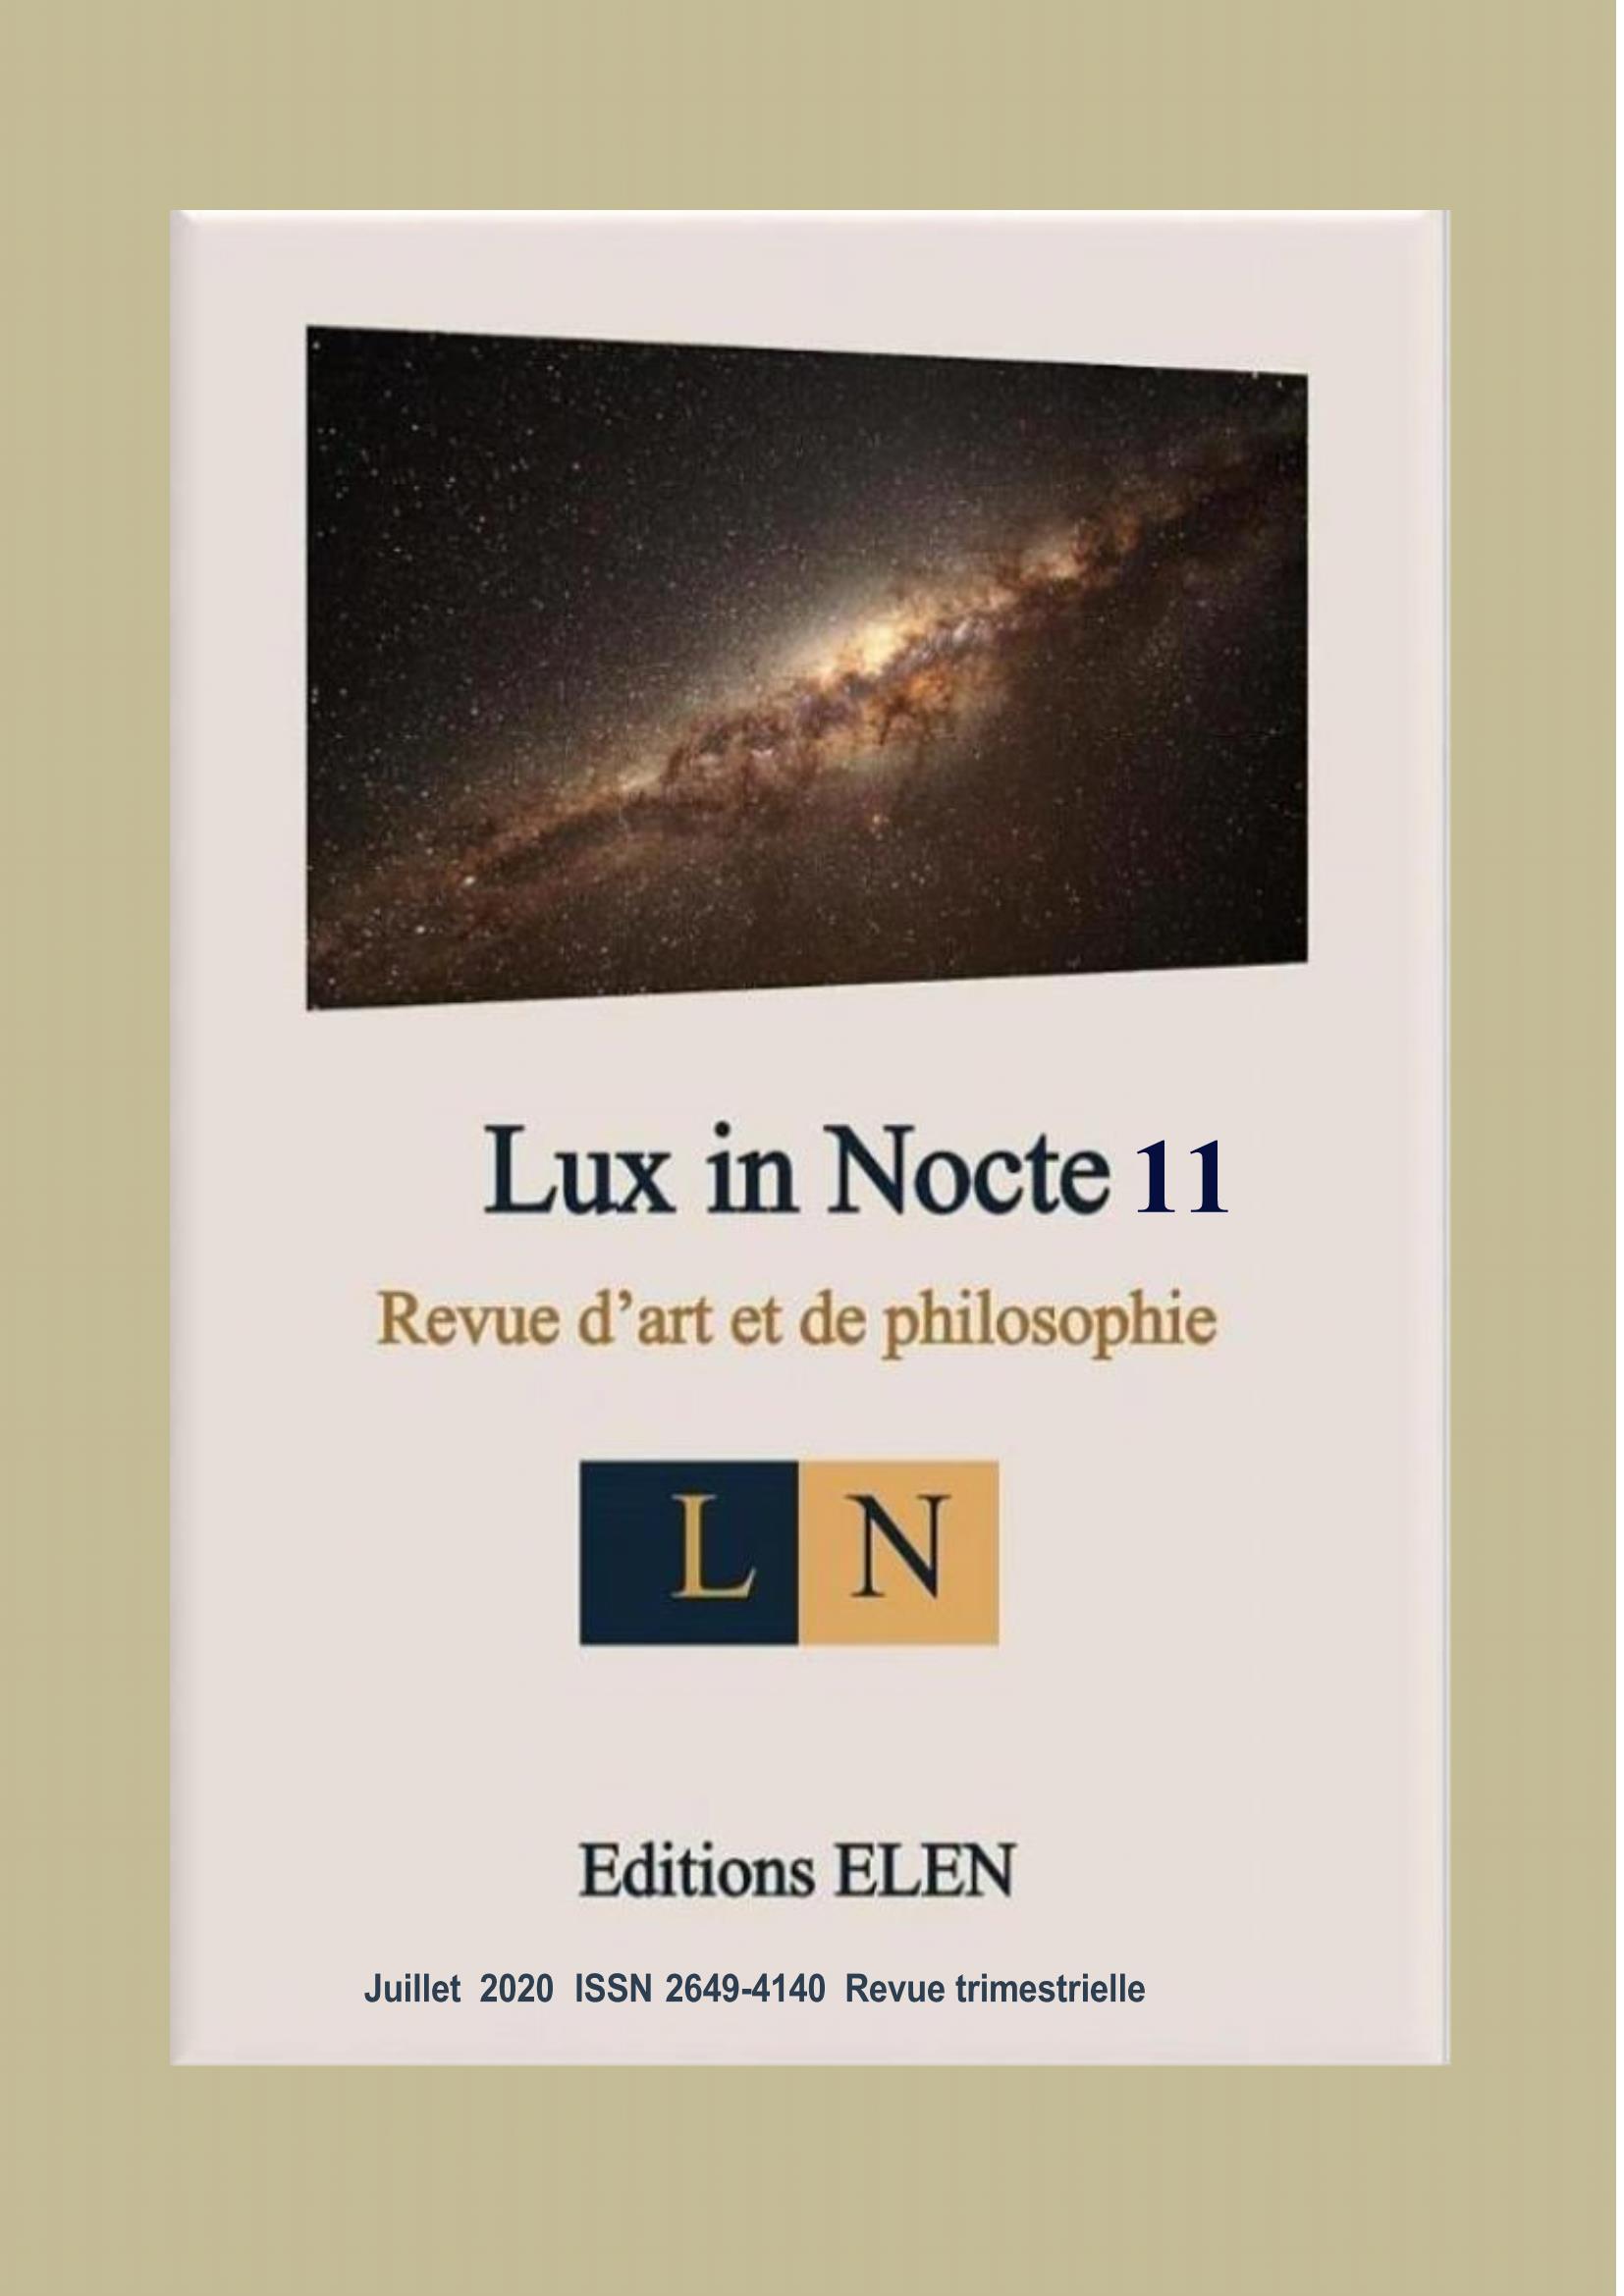 Lux in Nocte 11